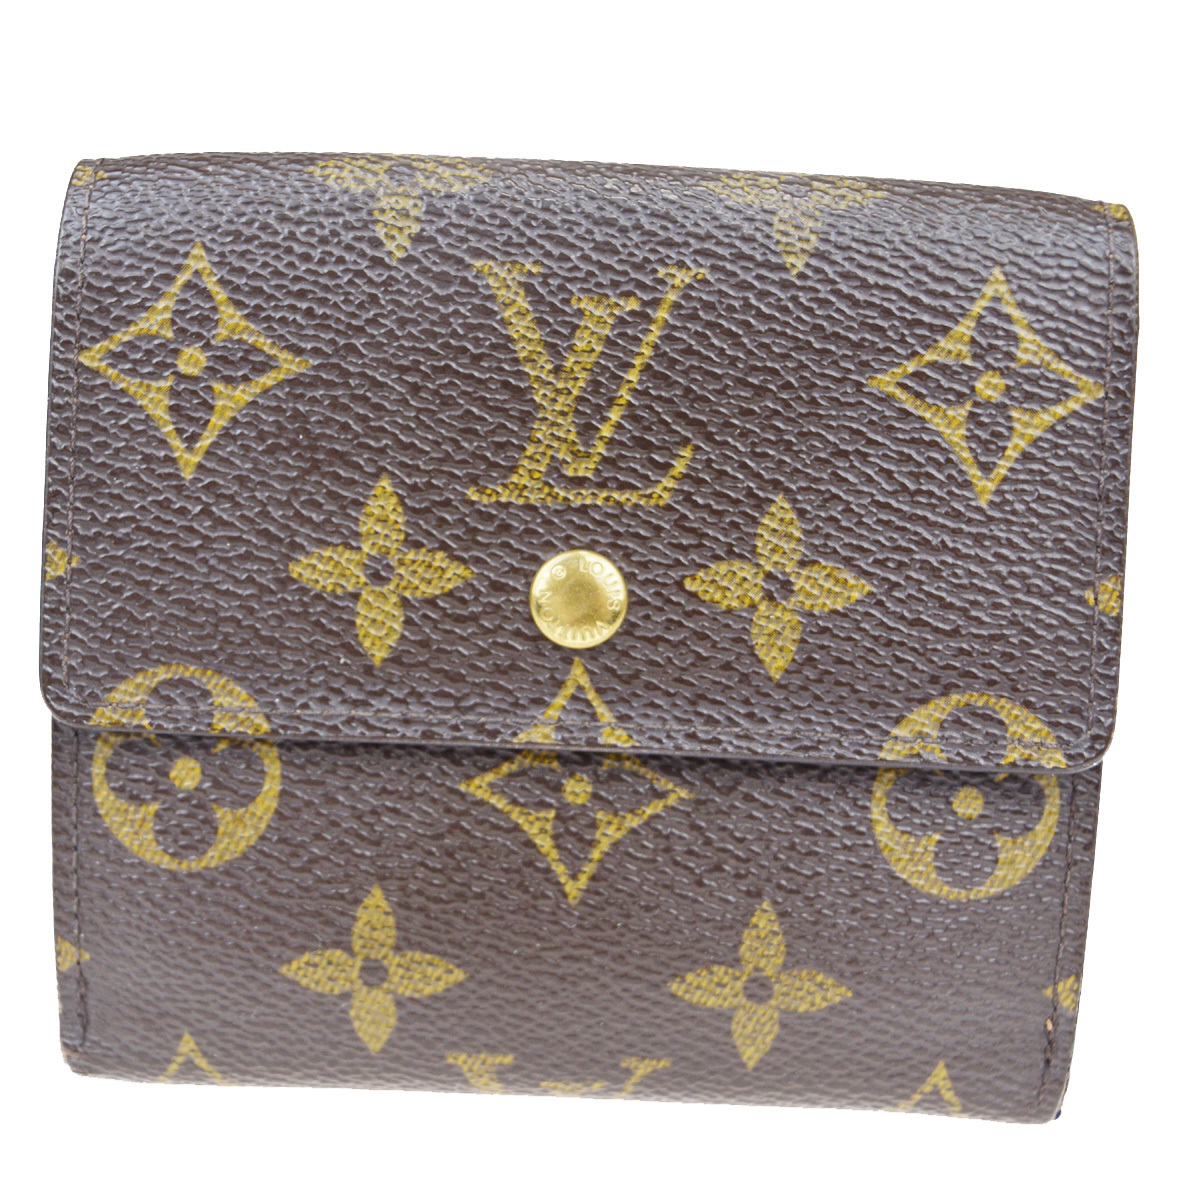 【中古】 ルイ・ヴィトン(Louis Vuitton) モノグラム ポルトフォイユエリーズ M61654 レザー 財布(三つ折り) ブラウン 02FB115